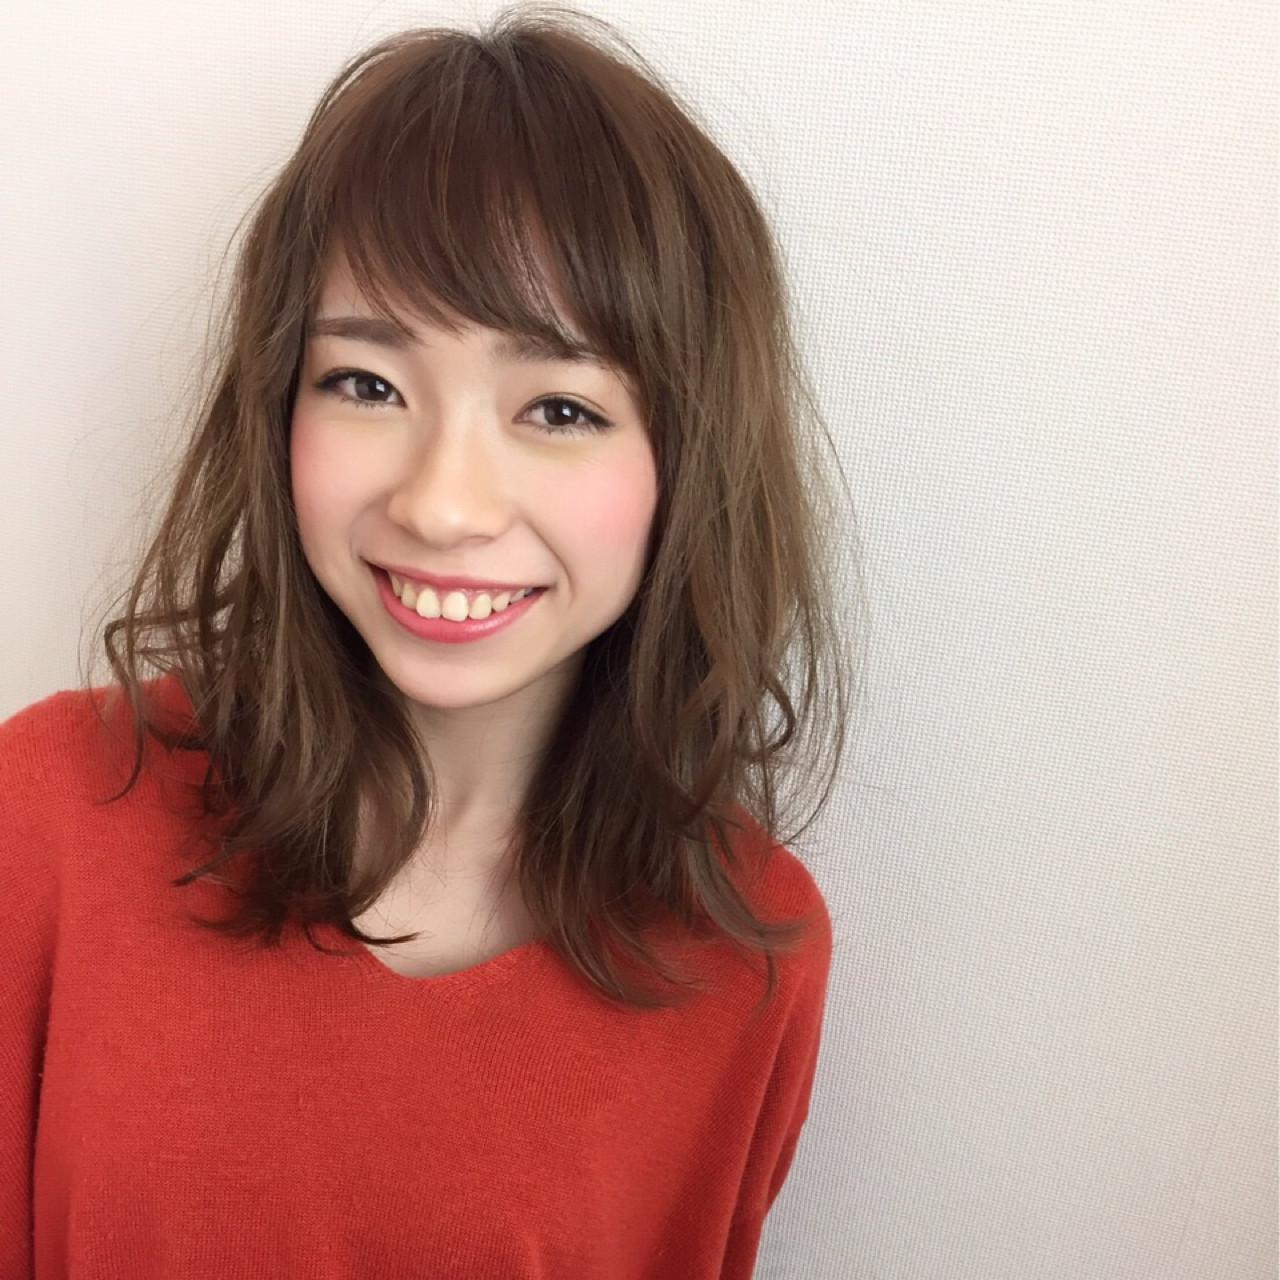 アプリコット ナチュラル 春 アンニュイ ヘアスタイルや髪型の写真・画像 | ひろみ /